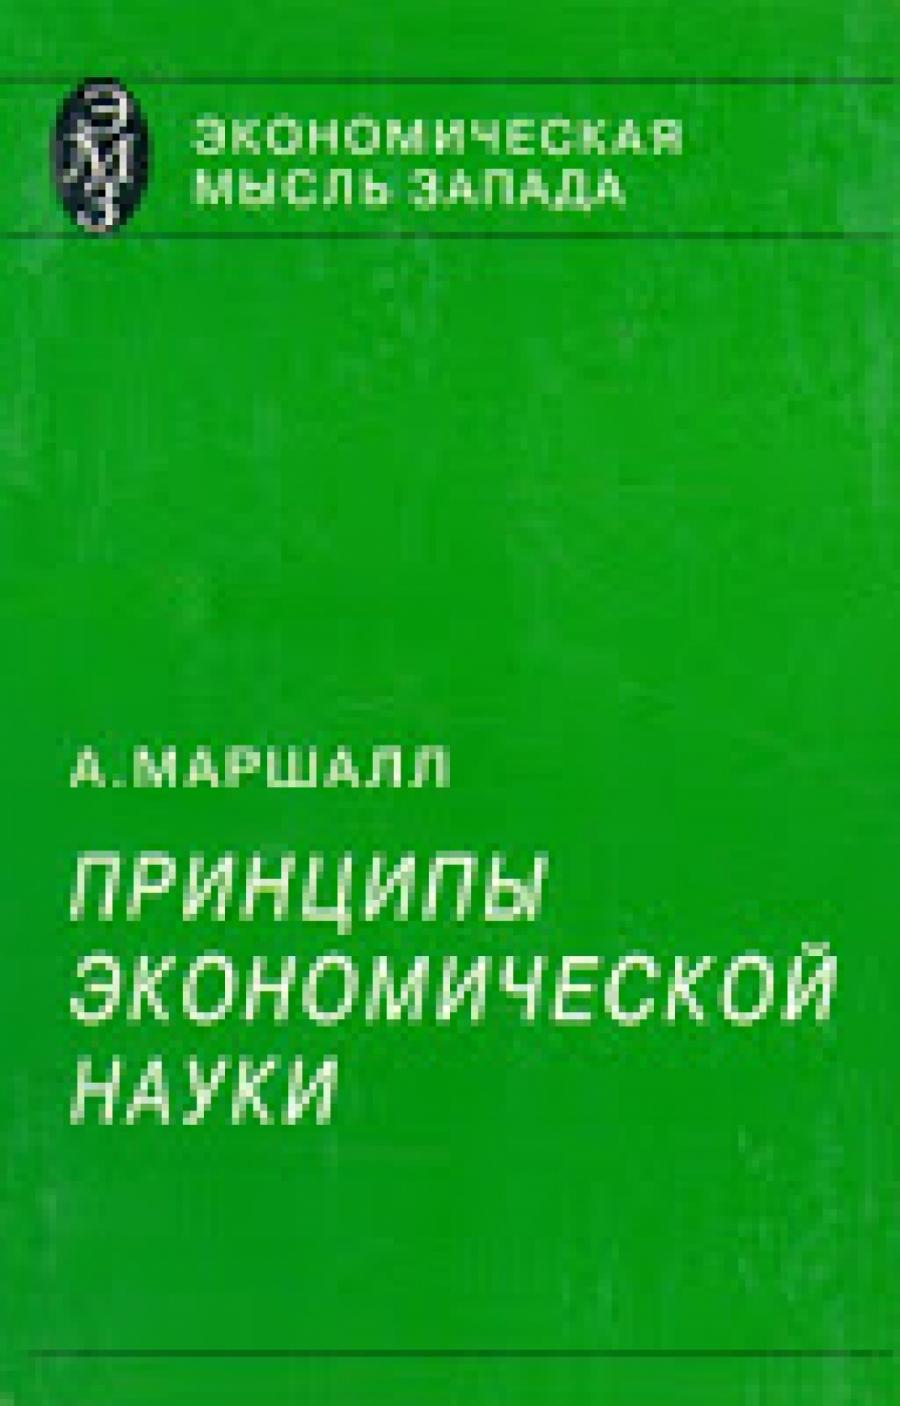 М настоящее пособие содержит примерные вопросы и ответы для абитуриентов, поступающих на экономический